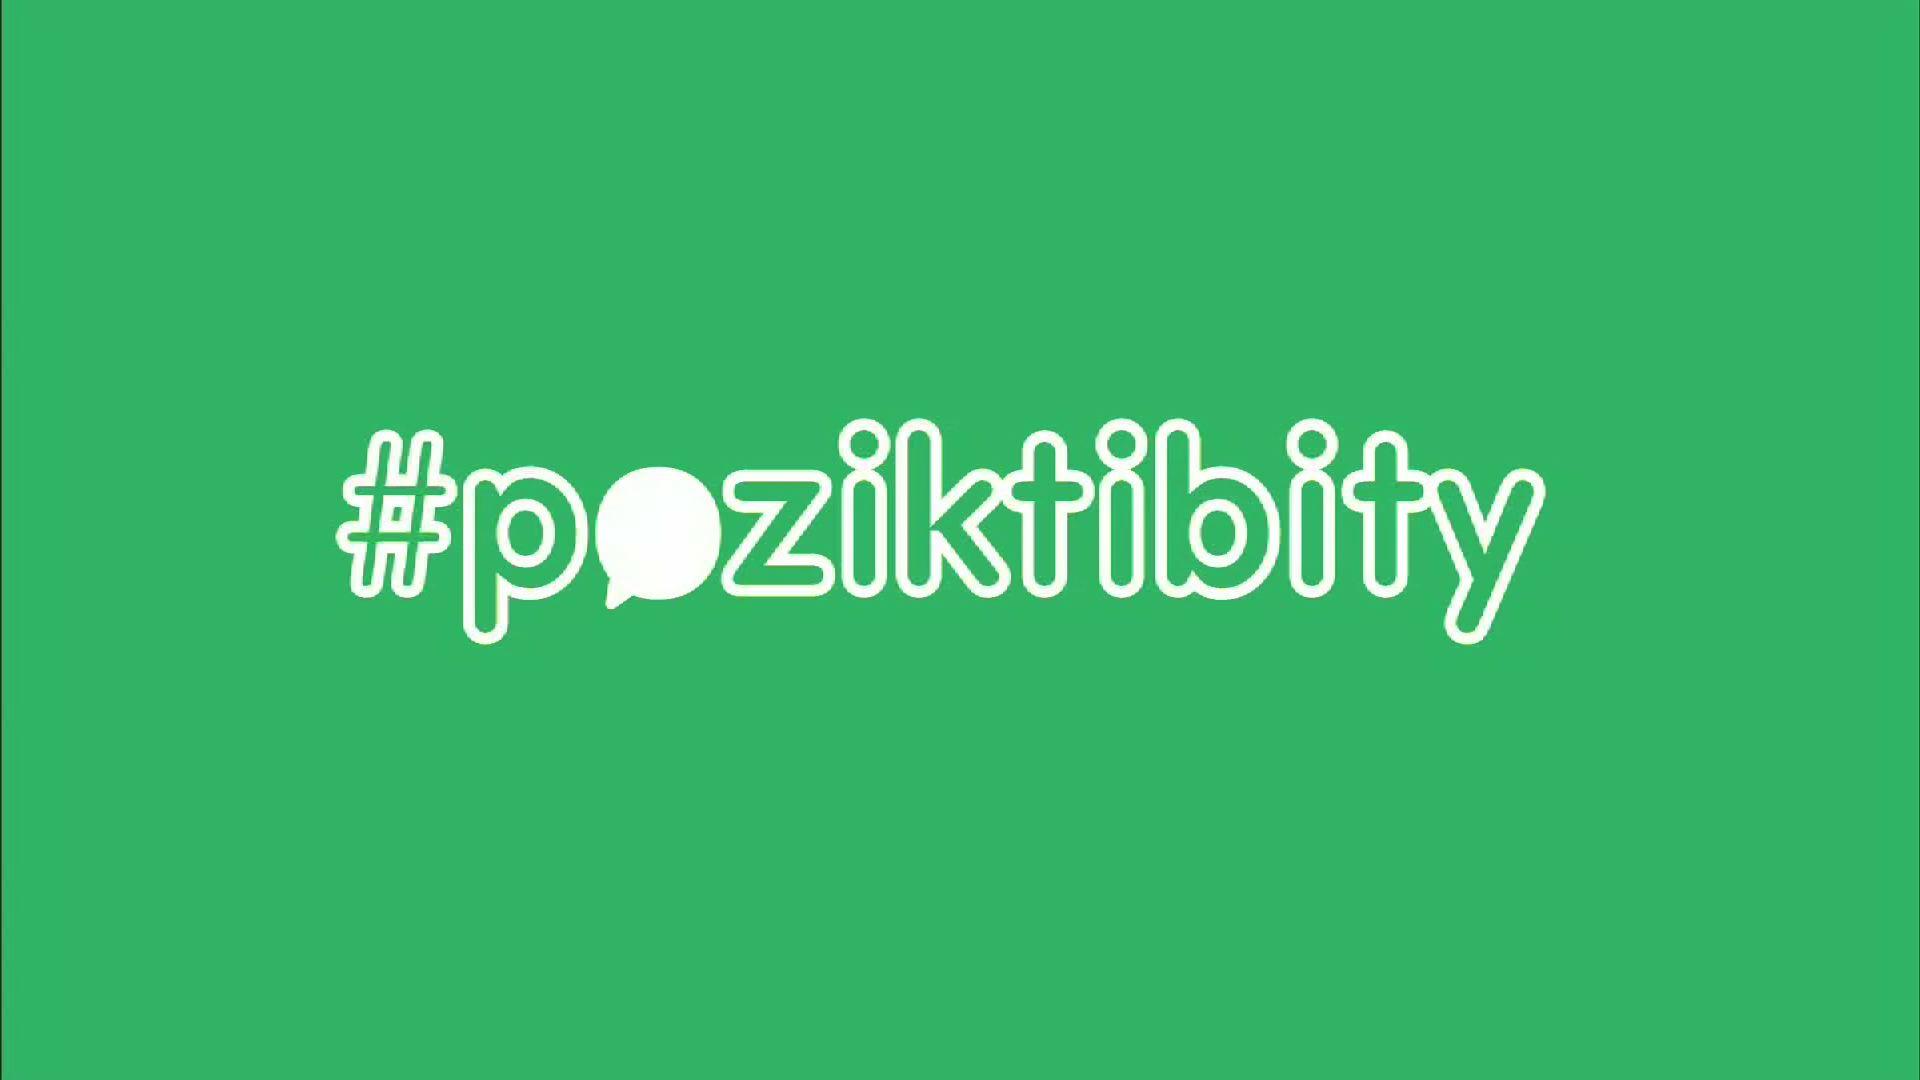 Presentación del segundo vídeo del proyecto Poziktibity [11:24]